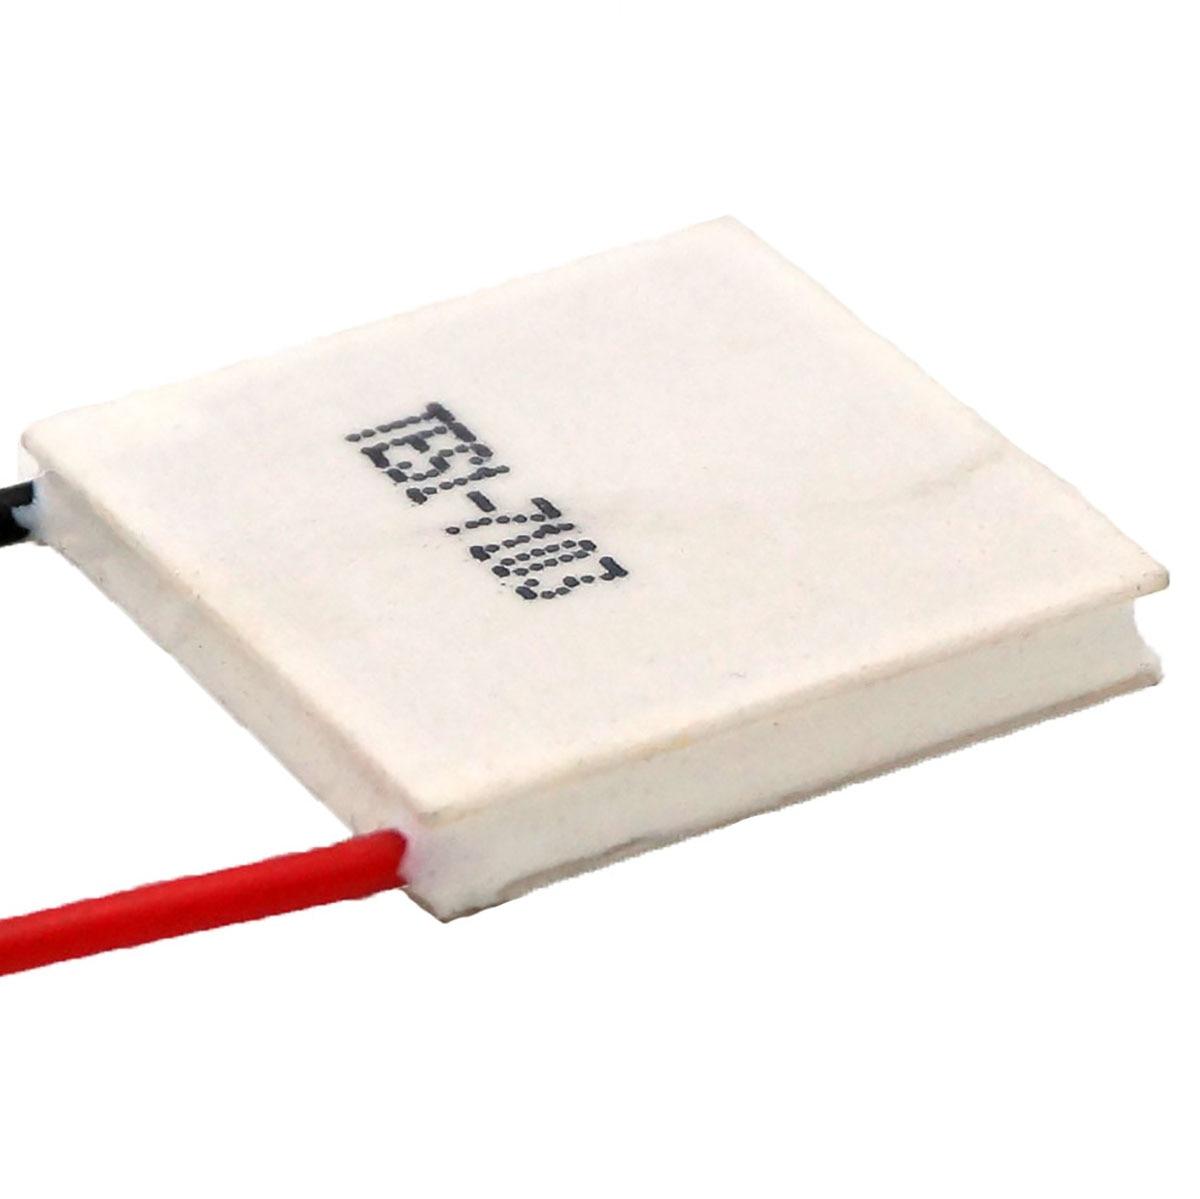 TES1-7103 3A 8V 15W 23x23x4mm Thermoelektrische Kühler Peltier Platte Modul